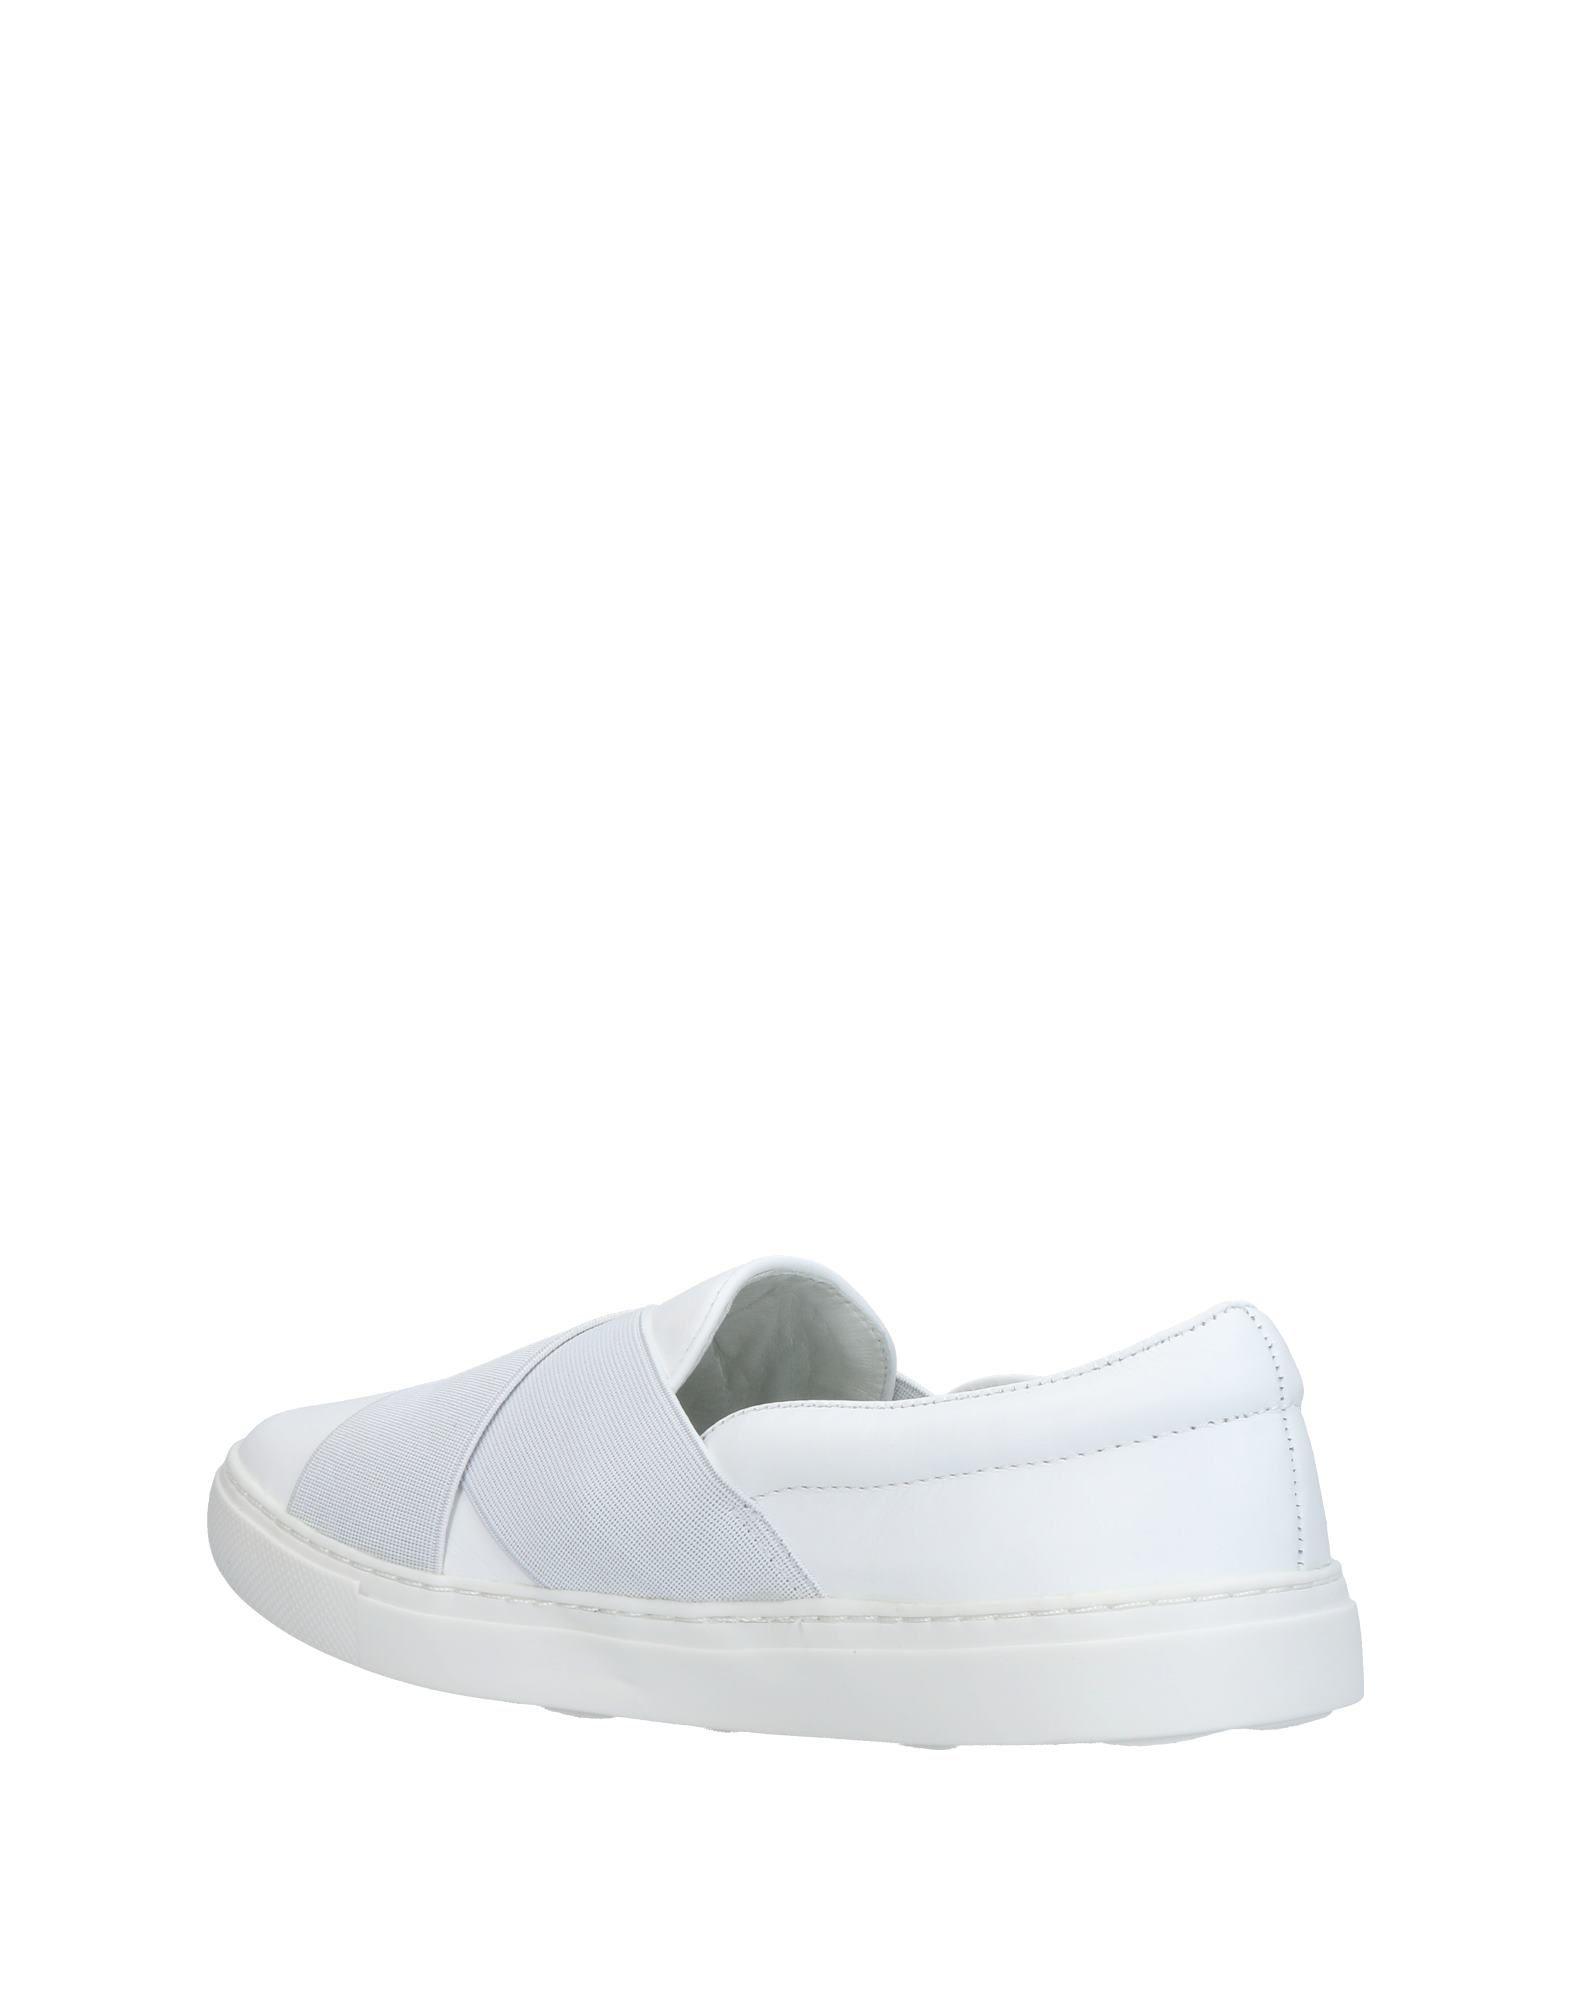 Schutz Sneakers Damen Damen Damen  11436031DA Gute Qualität beliebte Schuhe 74c931